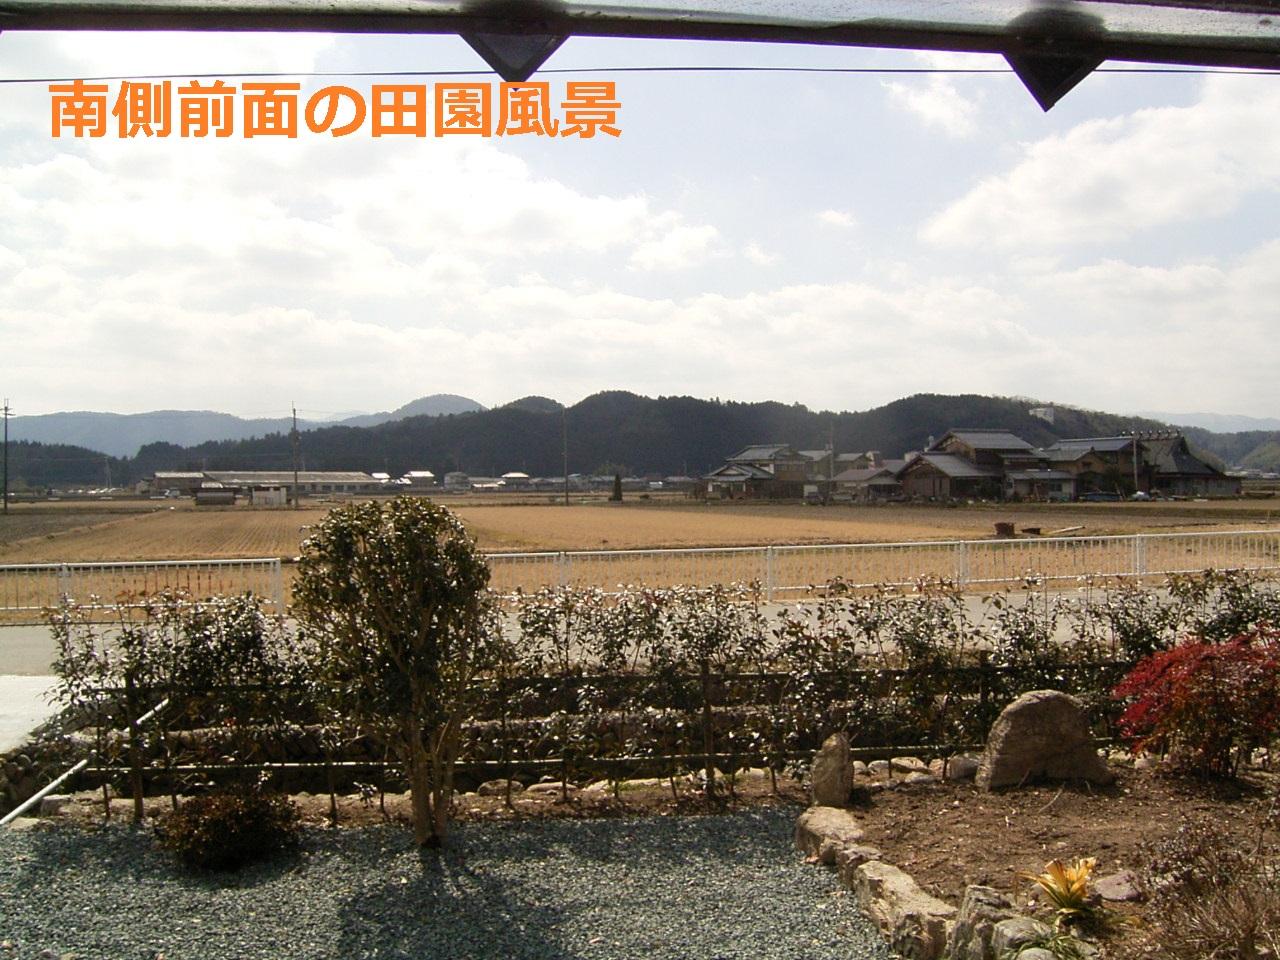 ◆南に田園風景広がる草葺古民家◆  ◎南に田園風景広がる草葺古民家◎